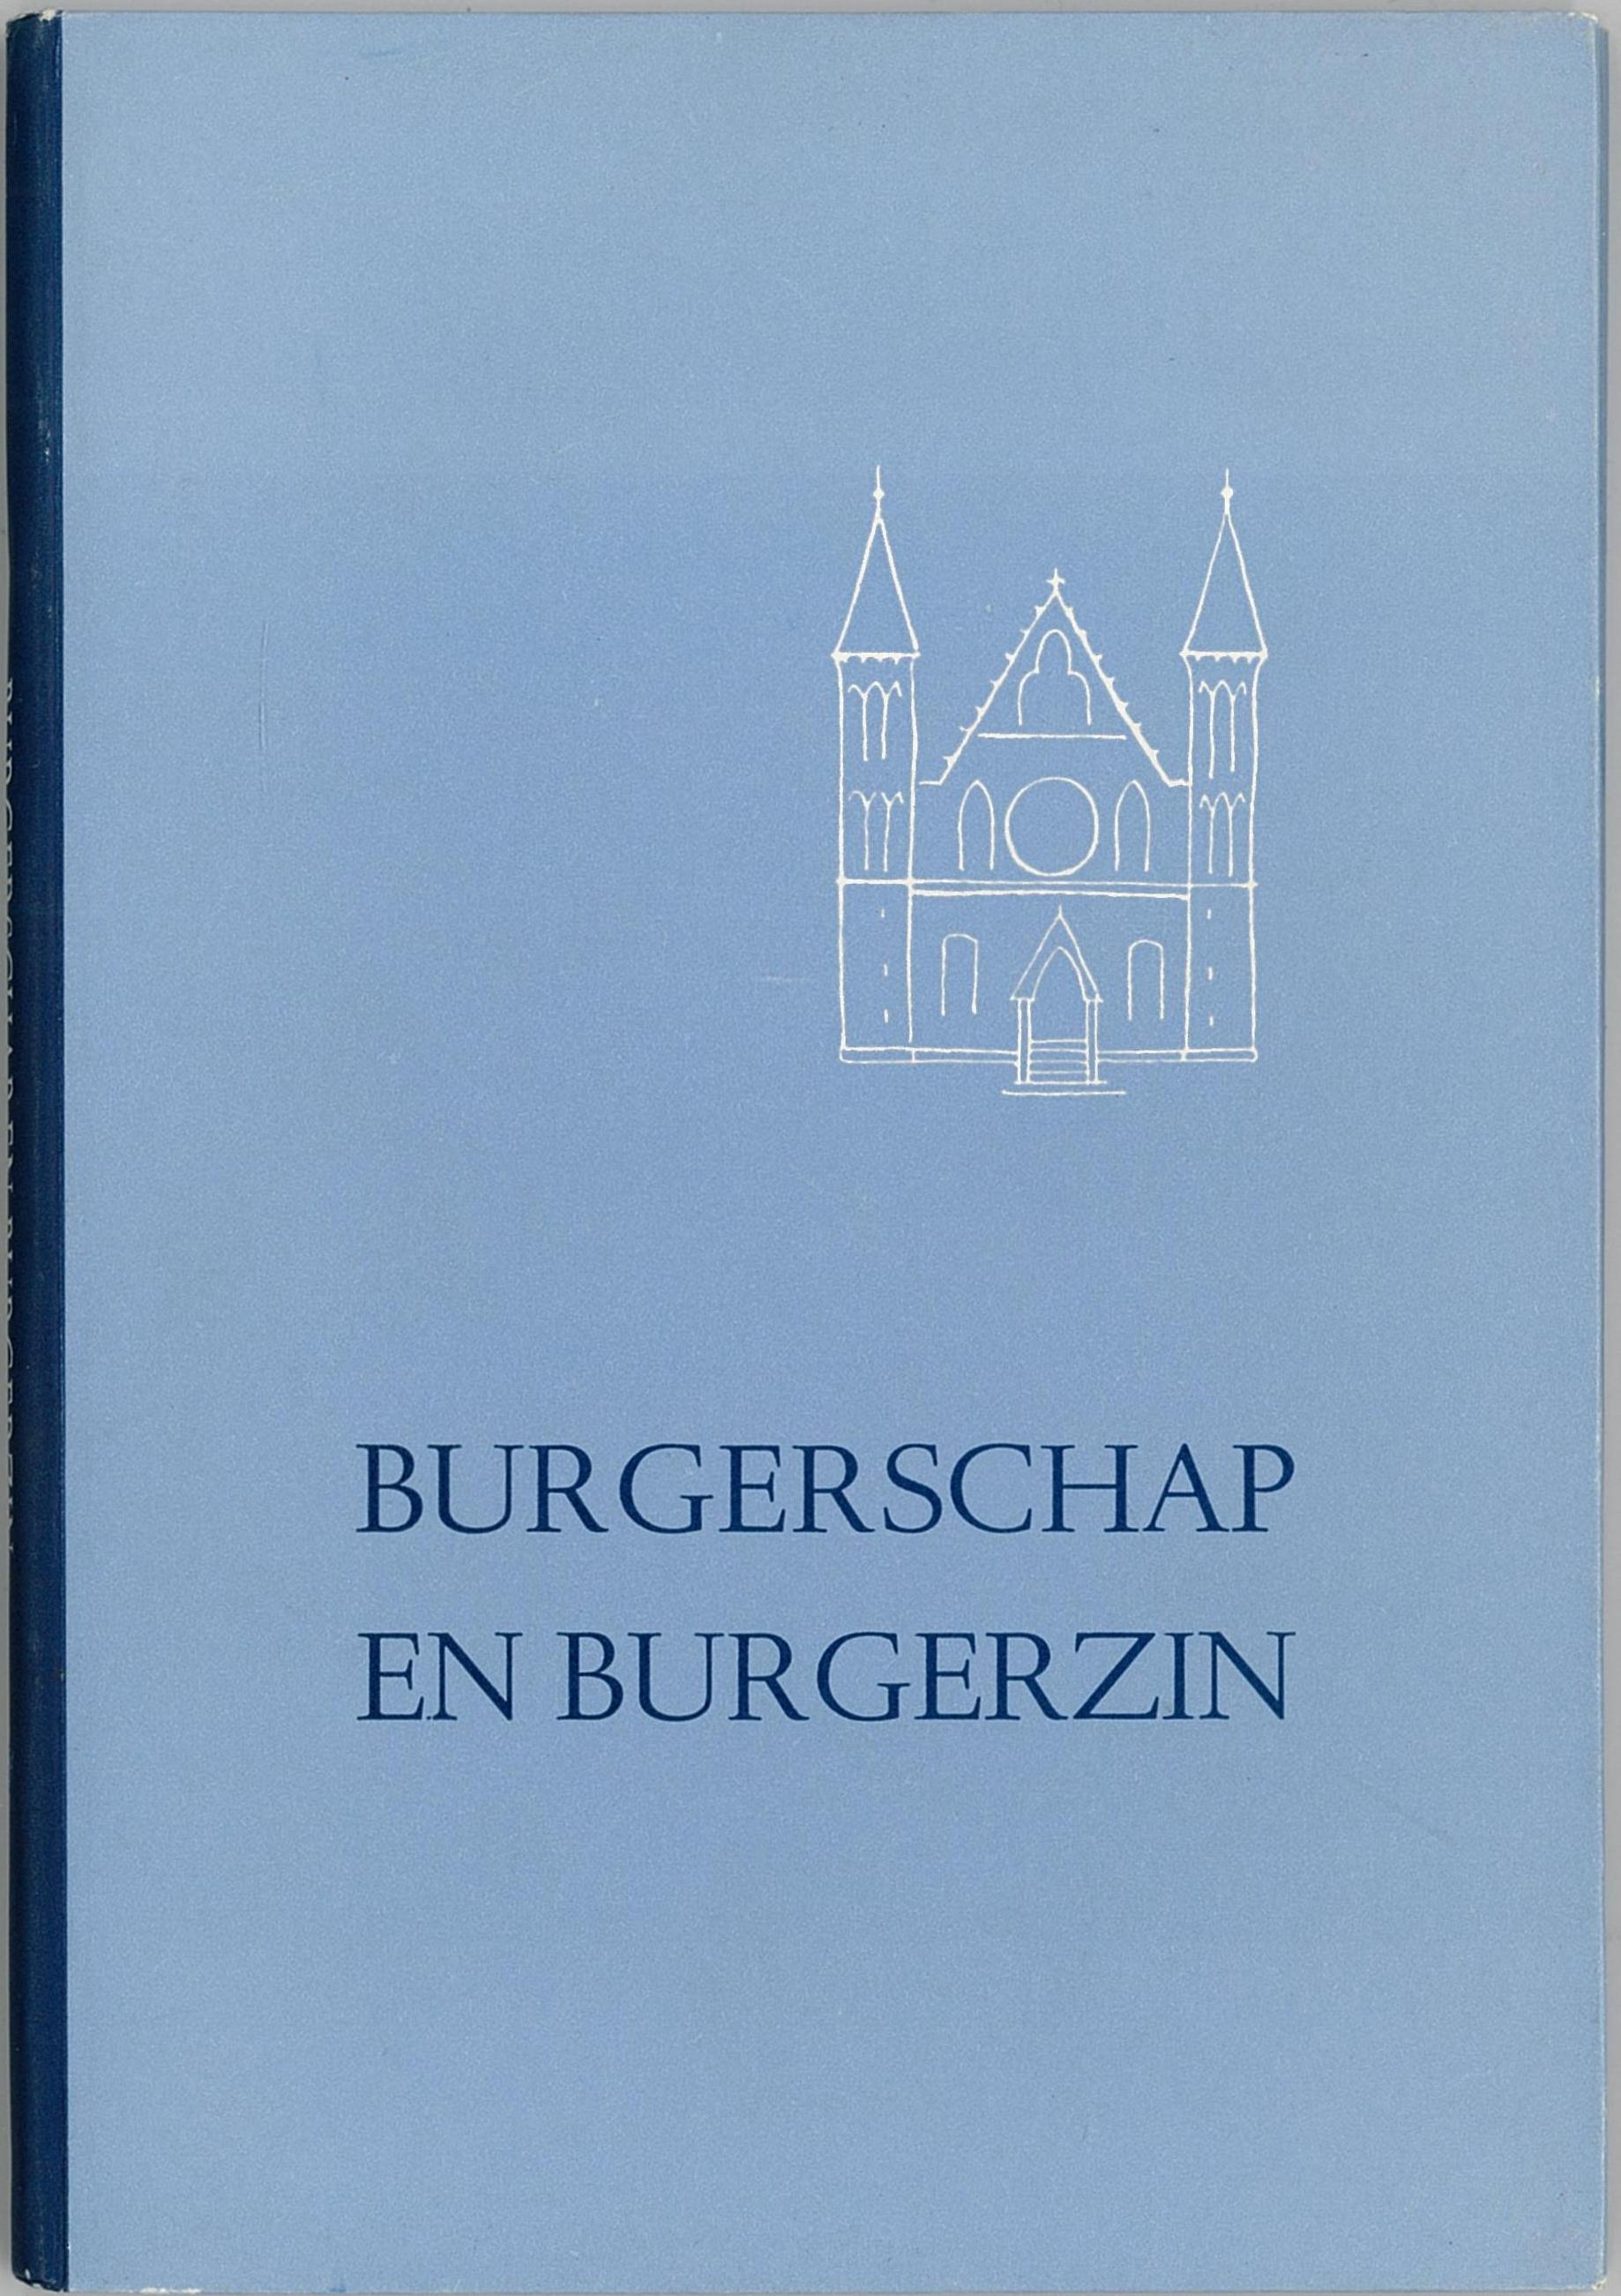 burgerschap_burgerzin_1